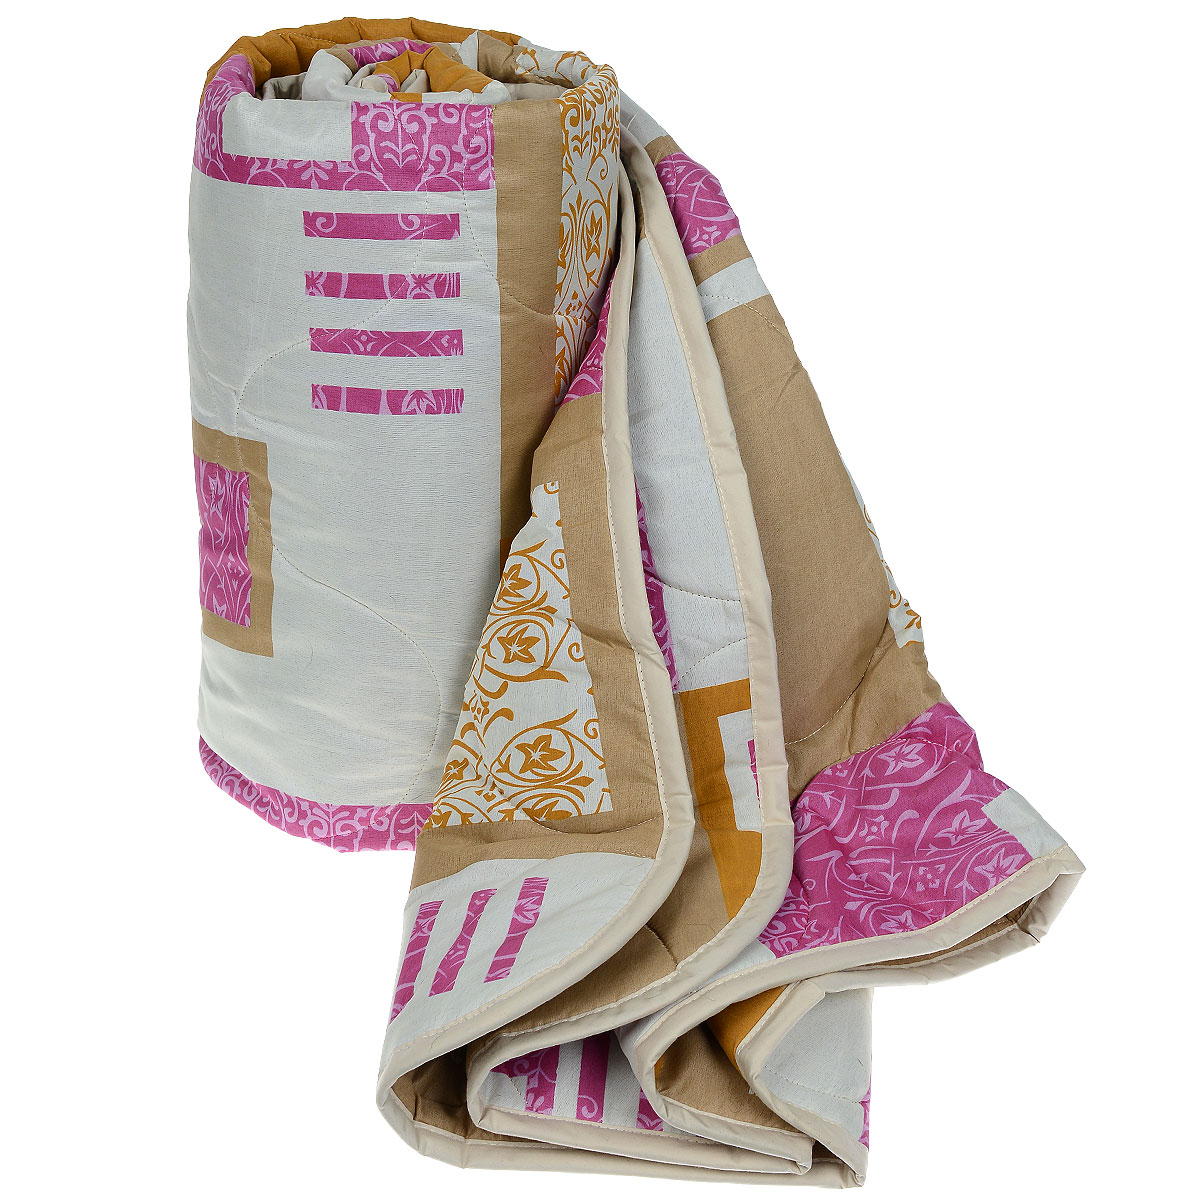 Одеяло всесезонное OL-Tex Miotex, наполнитель: полиэфирное волокно Holfiteks, цвет: бежевый, малиновый, 172 см х 205 см531-105Всесезонное одеяло OL-Tex Цветочные узоры создаст комфорт и уют во время сна. Стеганый чехол выполнен из полиэстера и оформлен красивым рисунком. Внутри - наполнитель из полиэфирного высокосиликонизированного волокна Holfiteks, упругий и качественный. Холфитекс - современный экологически чистый синтетический материал, изготовленный по новейшим технологиям. Его уникальность заключается в расположении волокон, которые позволяют моментально восстанавливать форму и сохранять ее долгое время. Изделия с использованием Холфитекса очень удобны в эксплуатации - их можно часто стирать без потери потребительских свойств, они быстро высыхают, не впитывают запахов и совершенно гиппоаллергенны. Холфитекс также обеспечивает хорошую терморегуляцию, поэтому изделия с наполнителем из холфитекса очень комфортны в использовании. Одеяло с наполнителем Холфитекс порадует вас в любое время года. Оно комфортно согревает и создает отличный микроклимат. За одеялом легко ухаживать, можно стирать в стиральной машинке.Рекомендации по уходу:- Ручная и машинная стирка при температуре 30°С.- Не гладить.- Не отбеливать. - Нельзя отжимать и сушить в стиральной машине.- Сушить вертикально. Размер одеяла: 172 см х 205 см. Материал чехла: 100% полиэстер. Материал наполнителя: полиэфирное высокосиликонизированное волокно Holfiteks. Плотность: 300 г/м2.